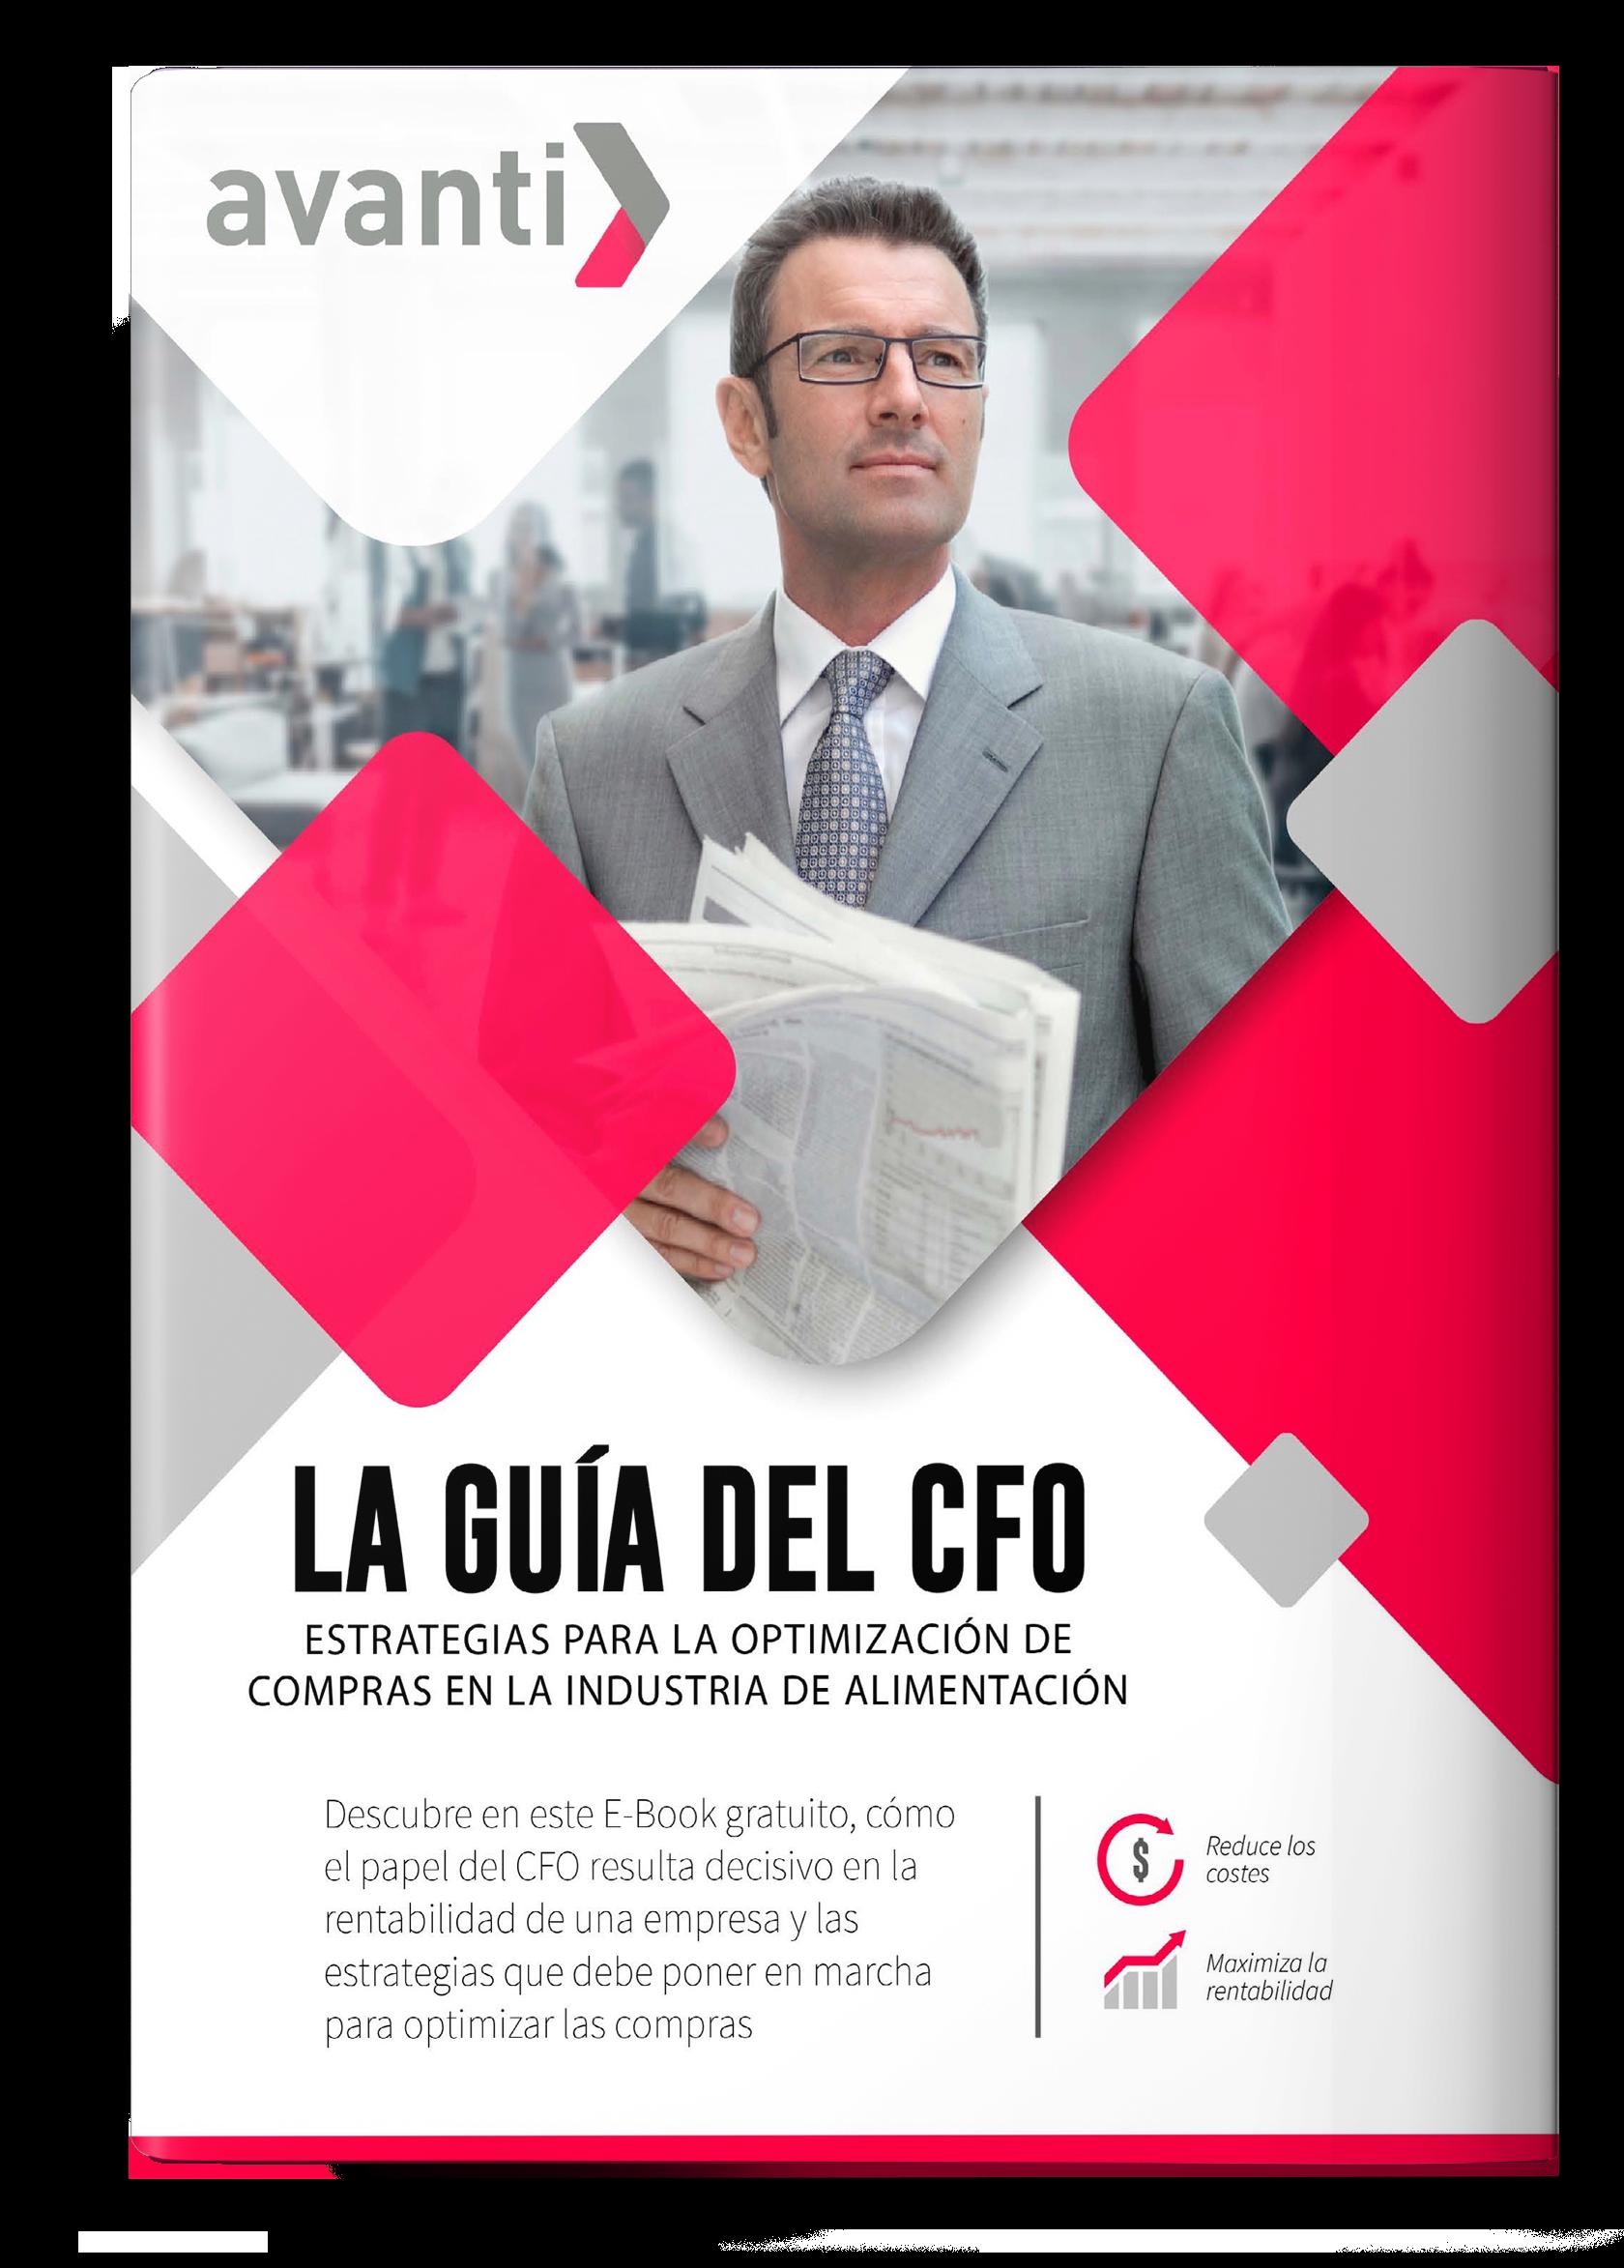 La guia del CFO. estrategias para la optimizacion de compras en la industria de alimentación